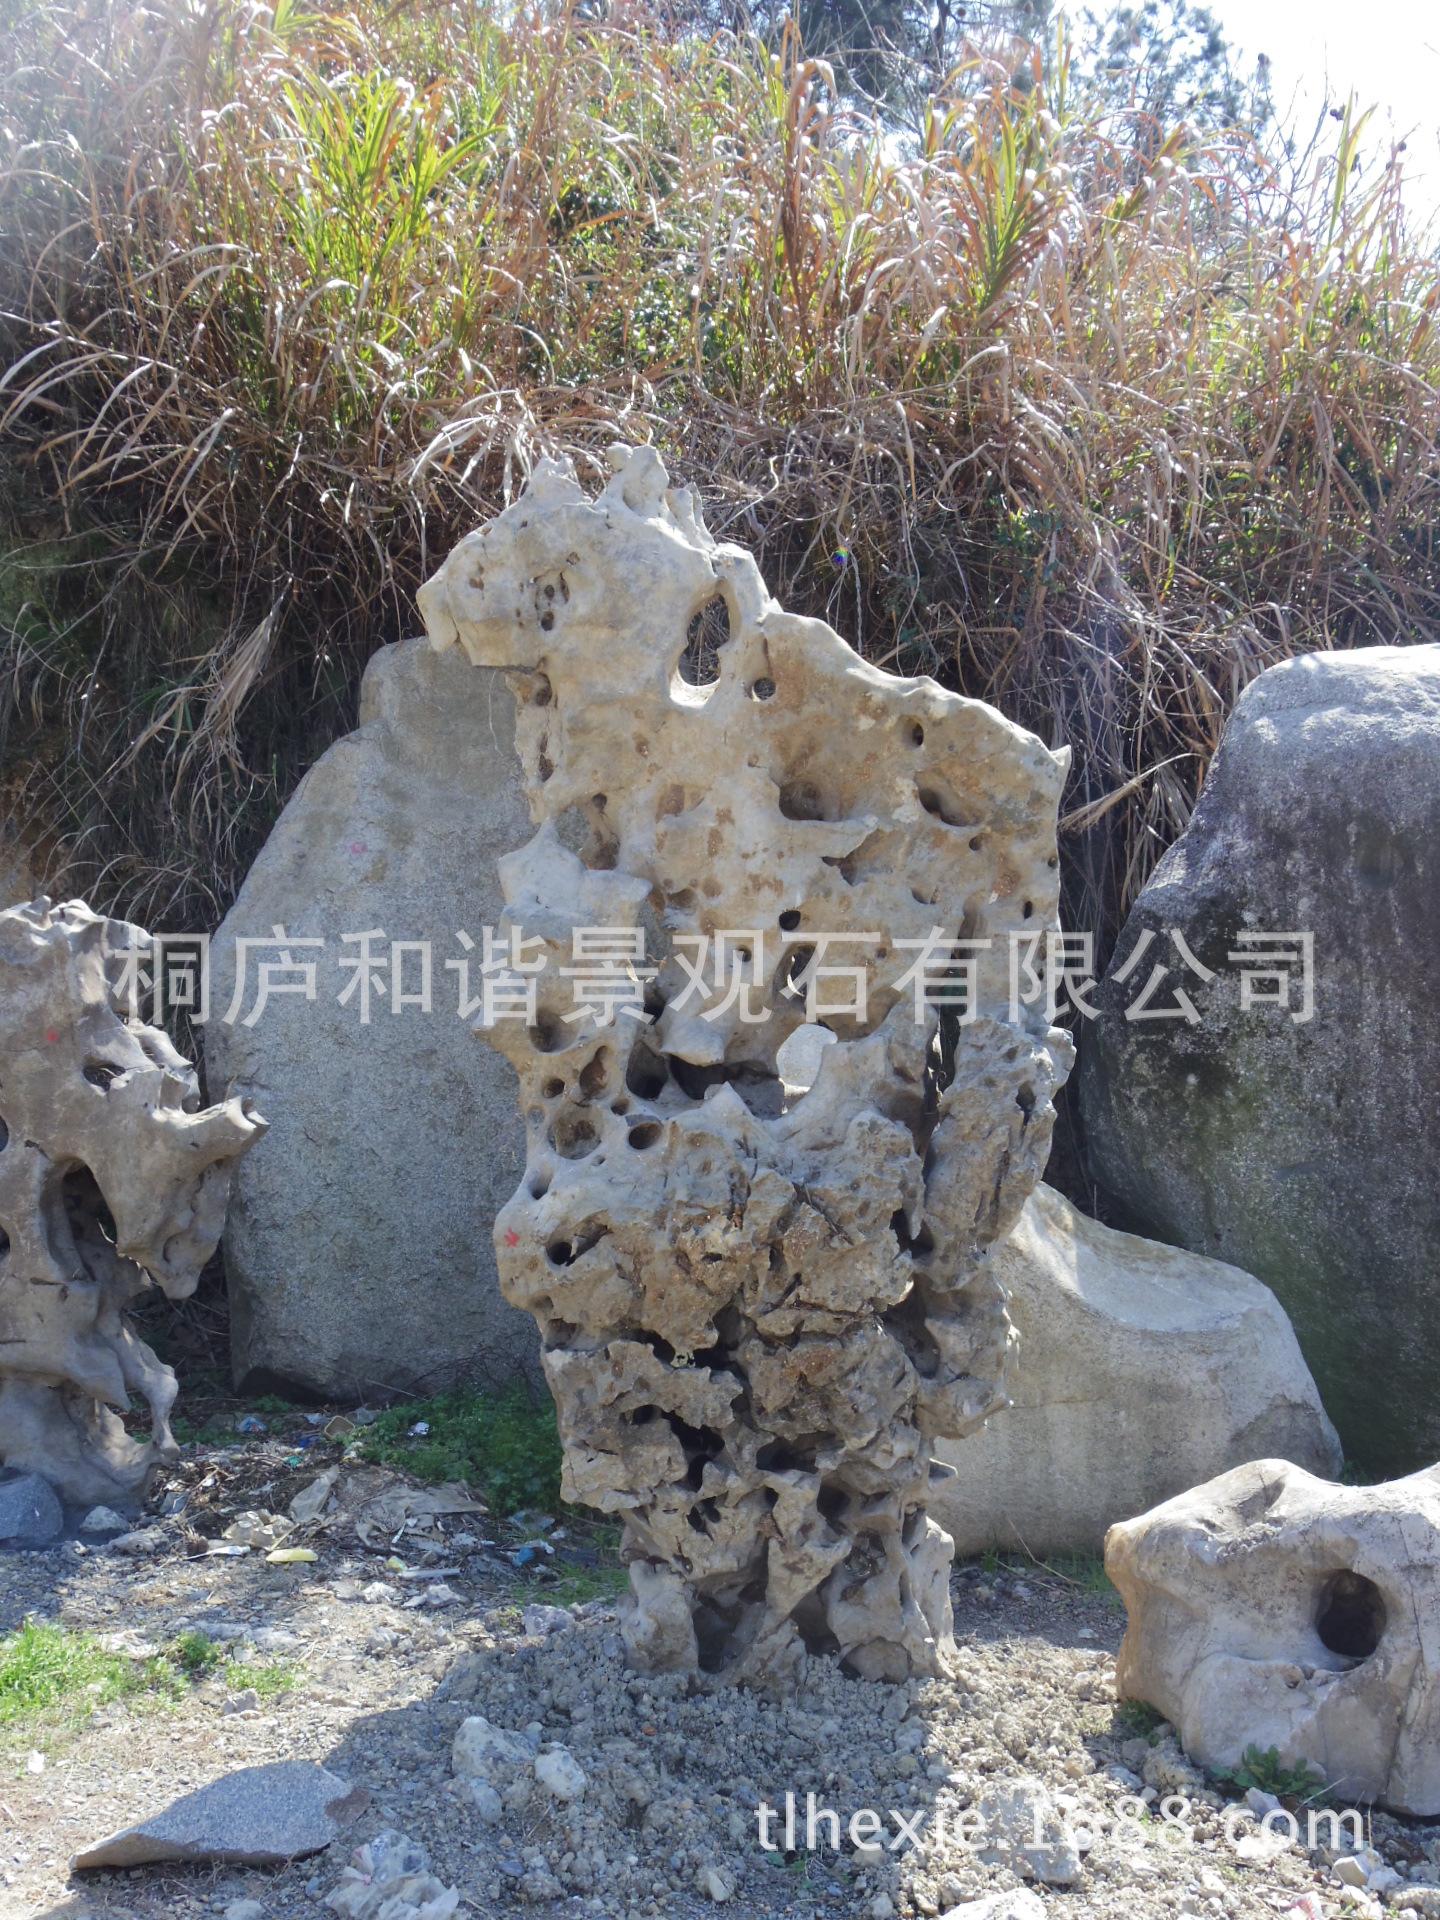 谐供应太湖石 龟纹石 驳岸石 专业团队设计施工 阿里巴巴